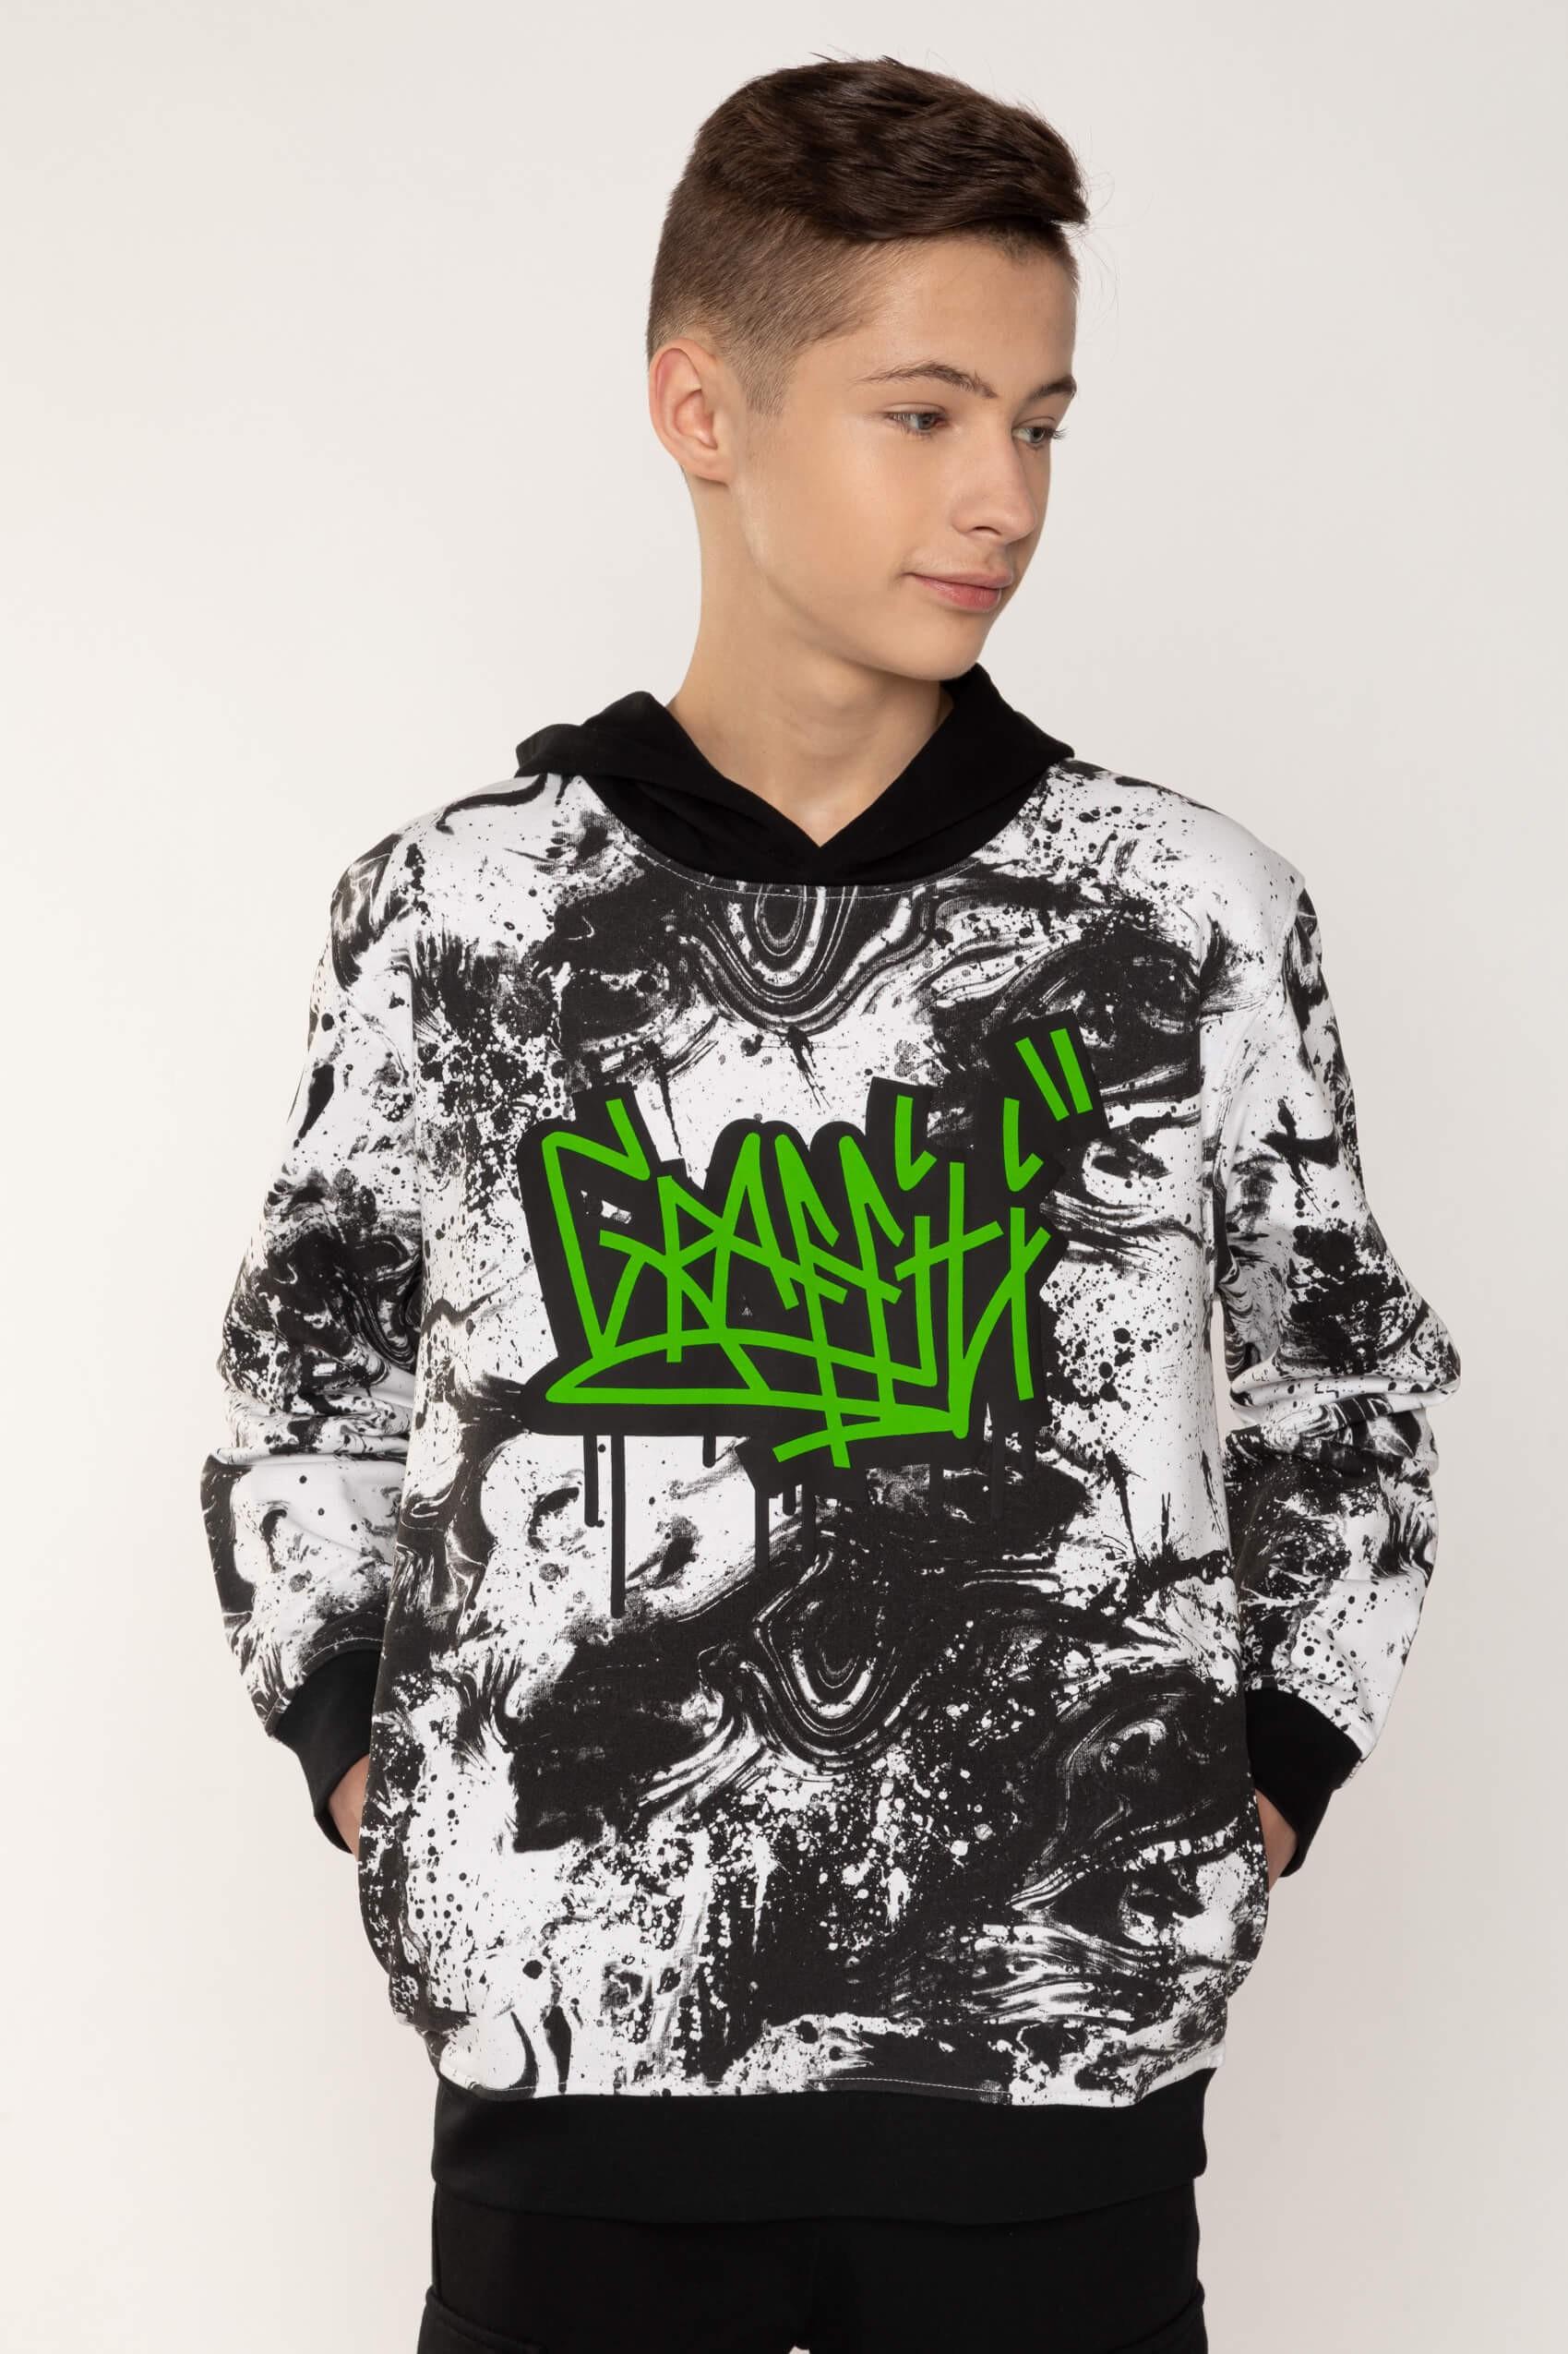 Bluza dla chłopaka z kapturem GRAFFITI | Sklep Internetowy Reporter Young